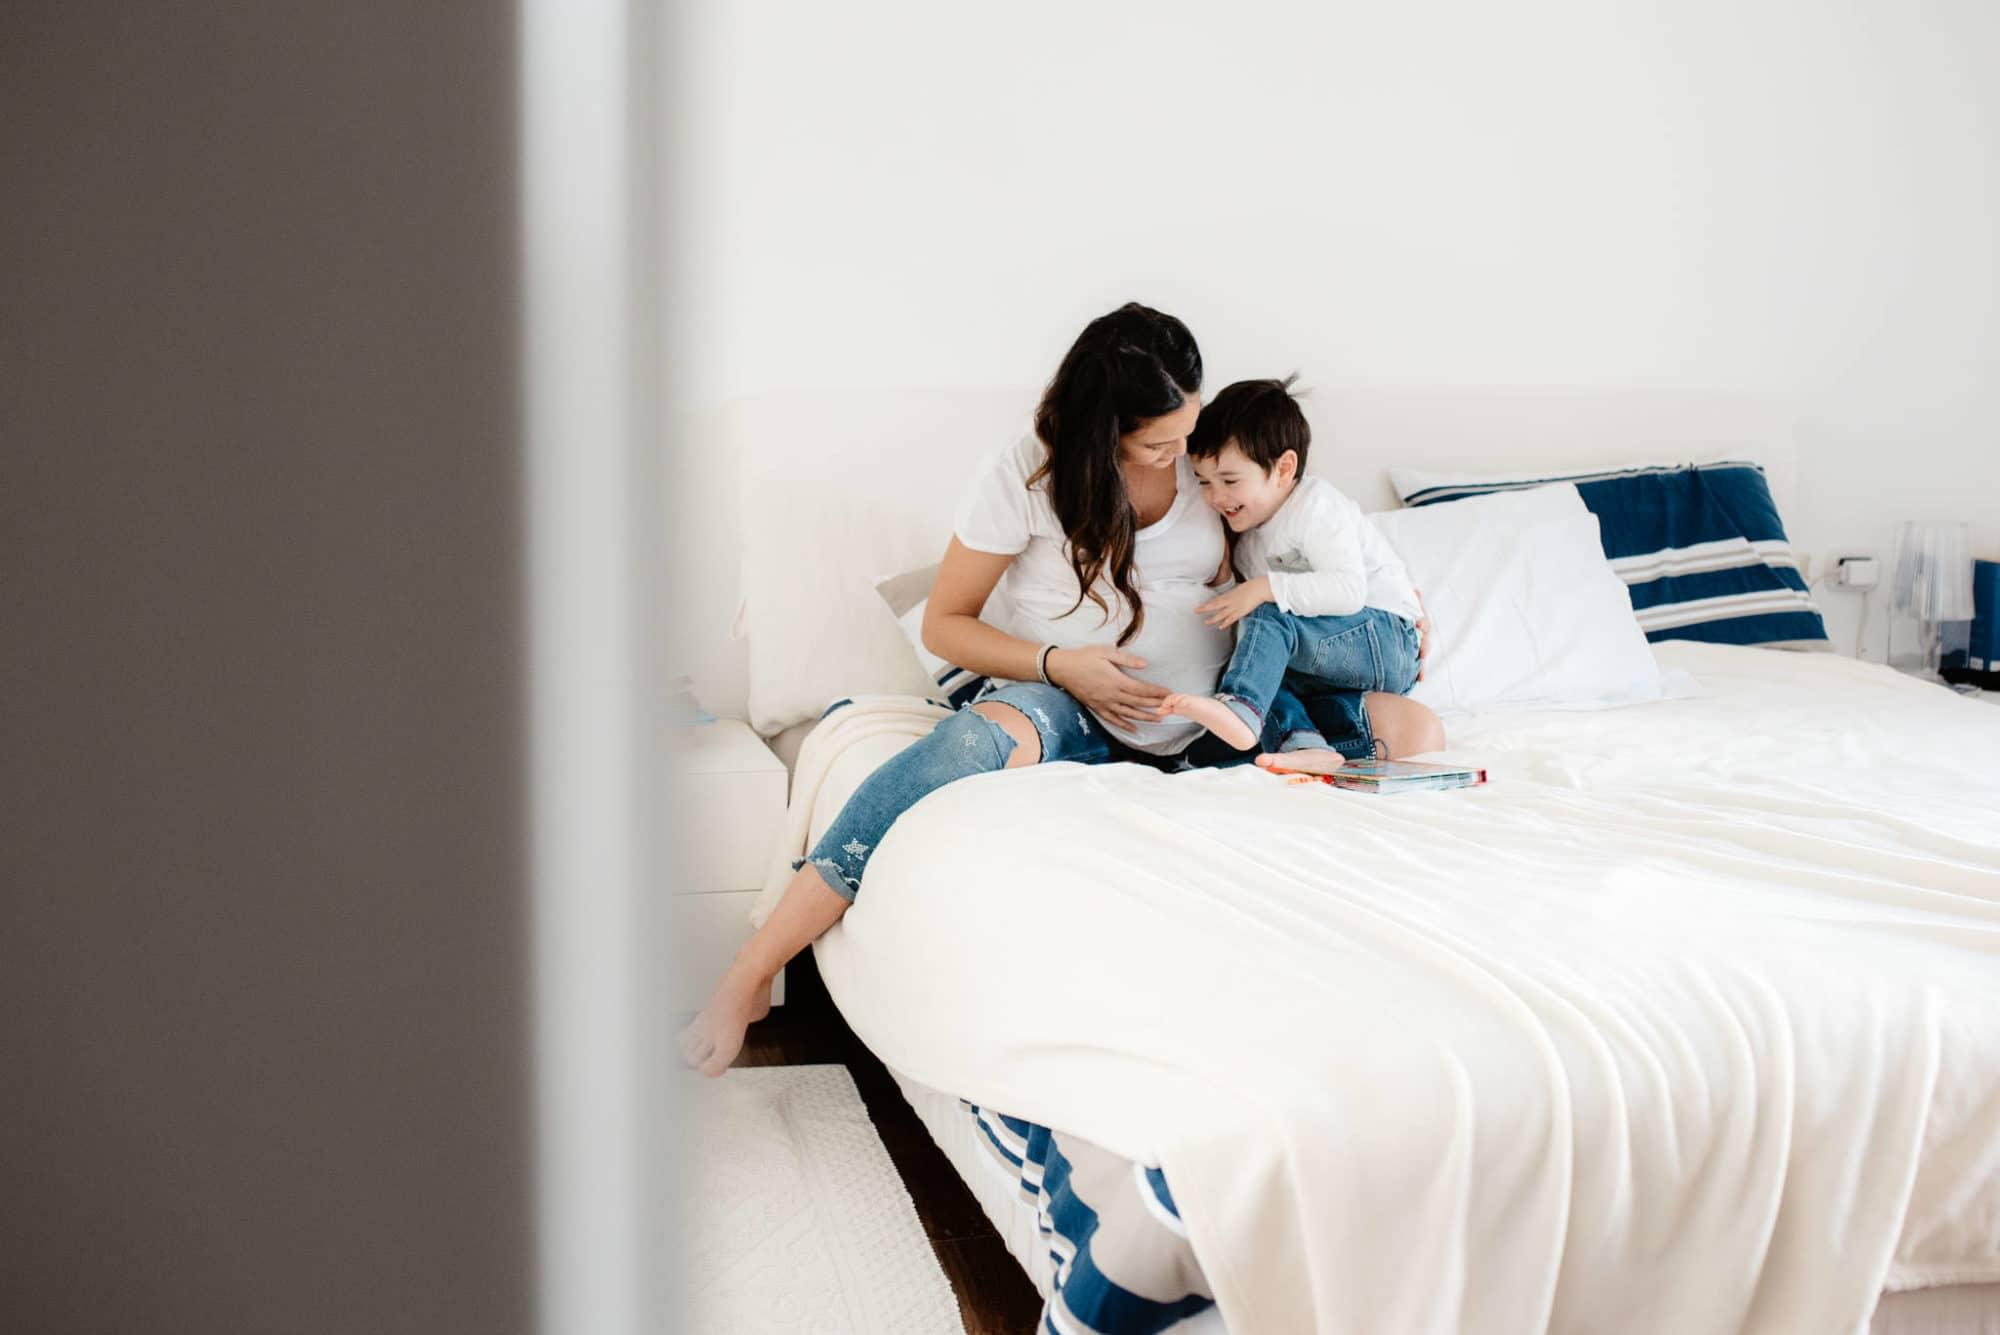 Fotografia lifestyle di famiglia in casa